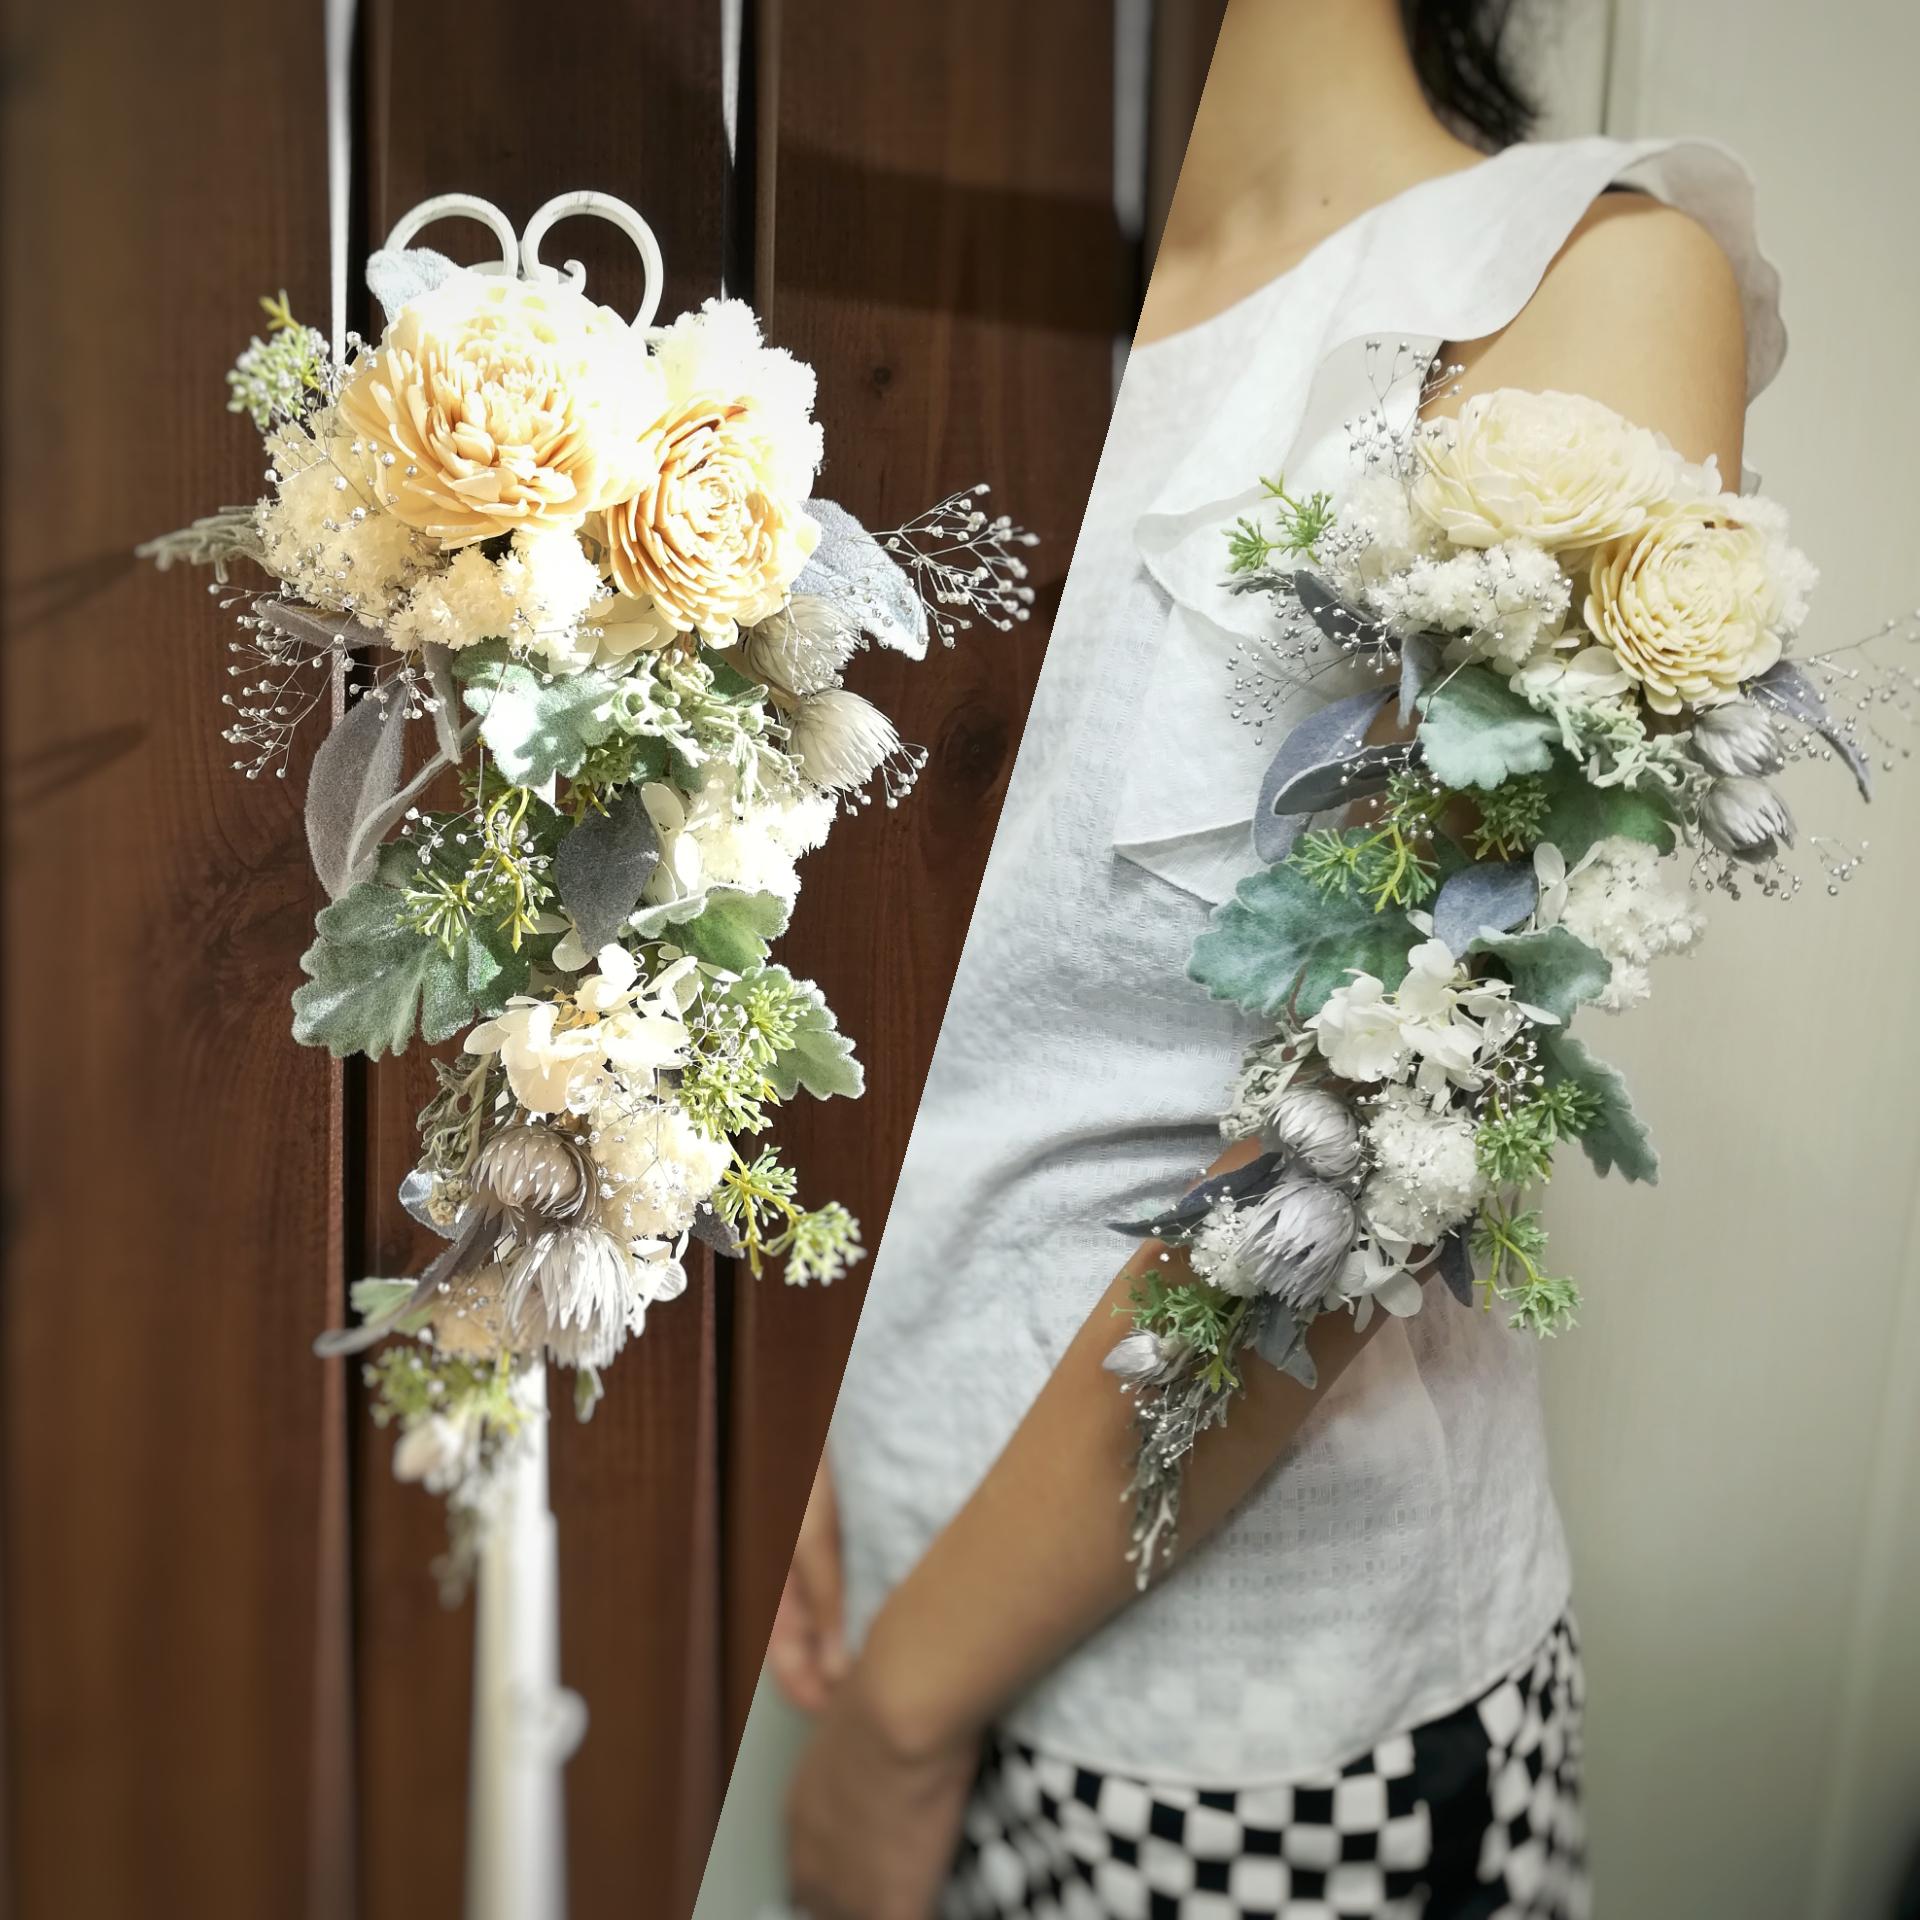 プリザーブドフラワーのアームレット・腕の花飾り アームブーケ・名古屋瑞穂区ブーケ&フラワー教室Blossa